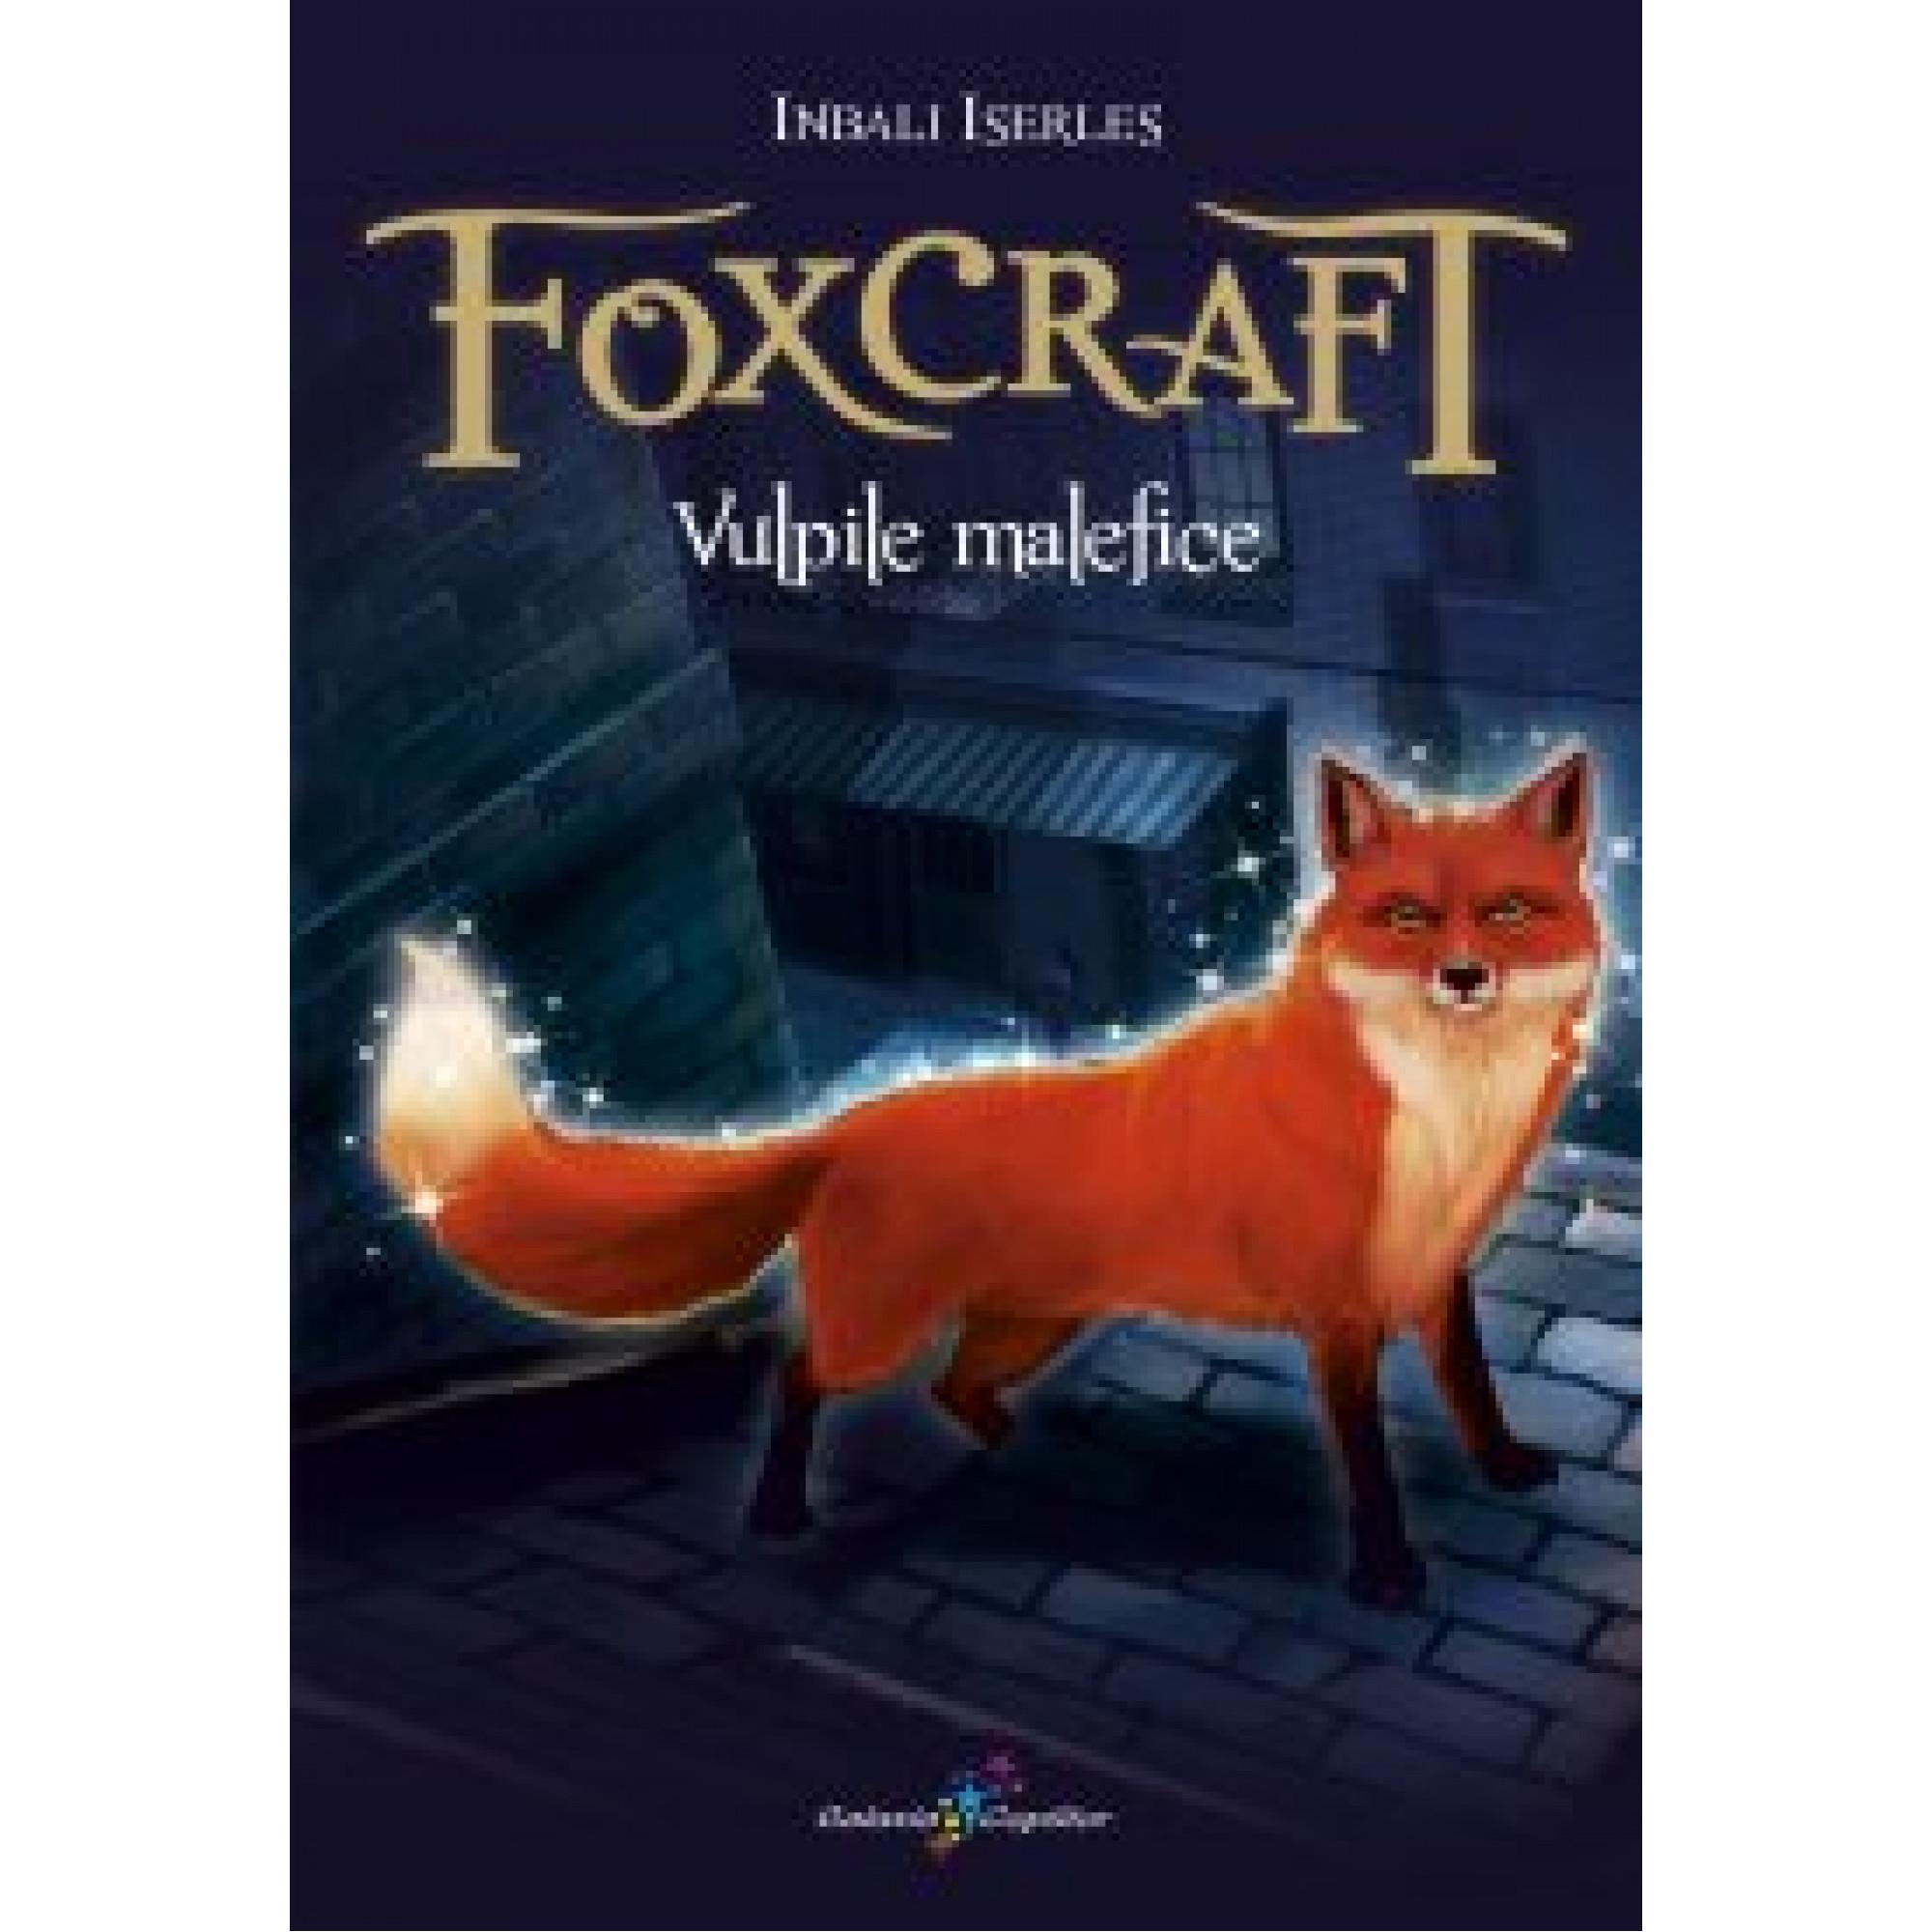 Foxcraft - Cartea I - Vulpile malefice